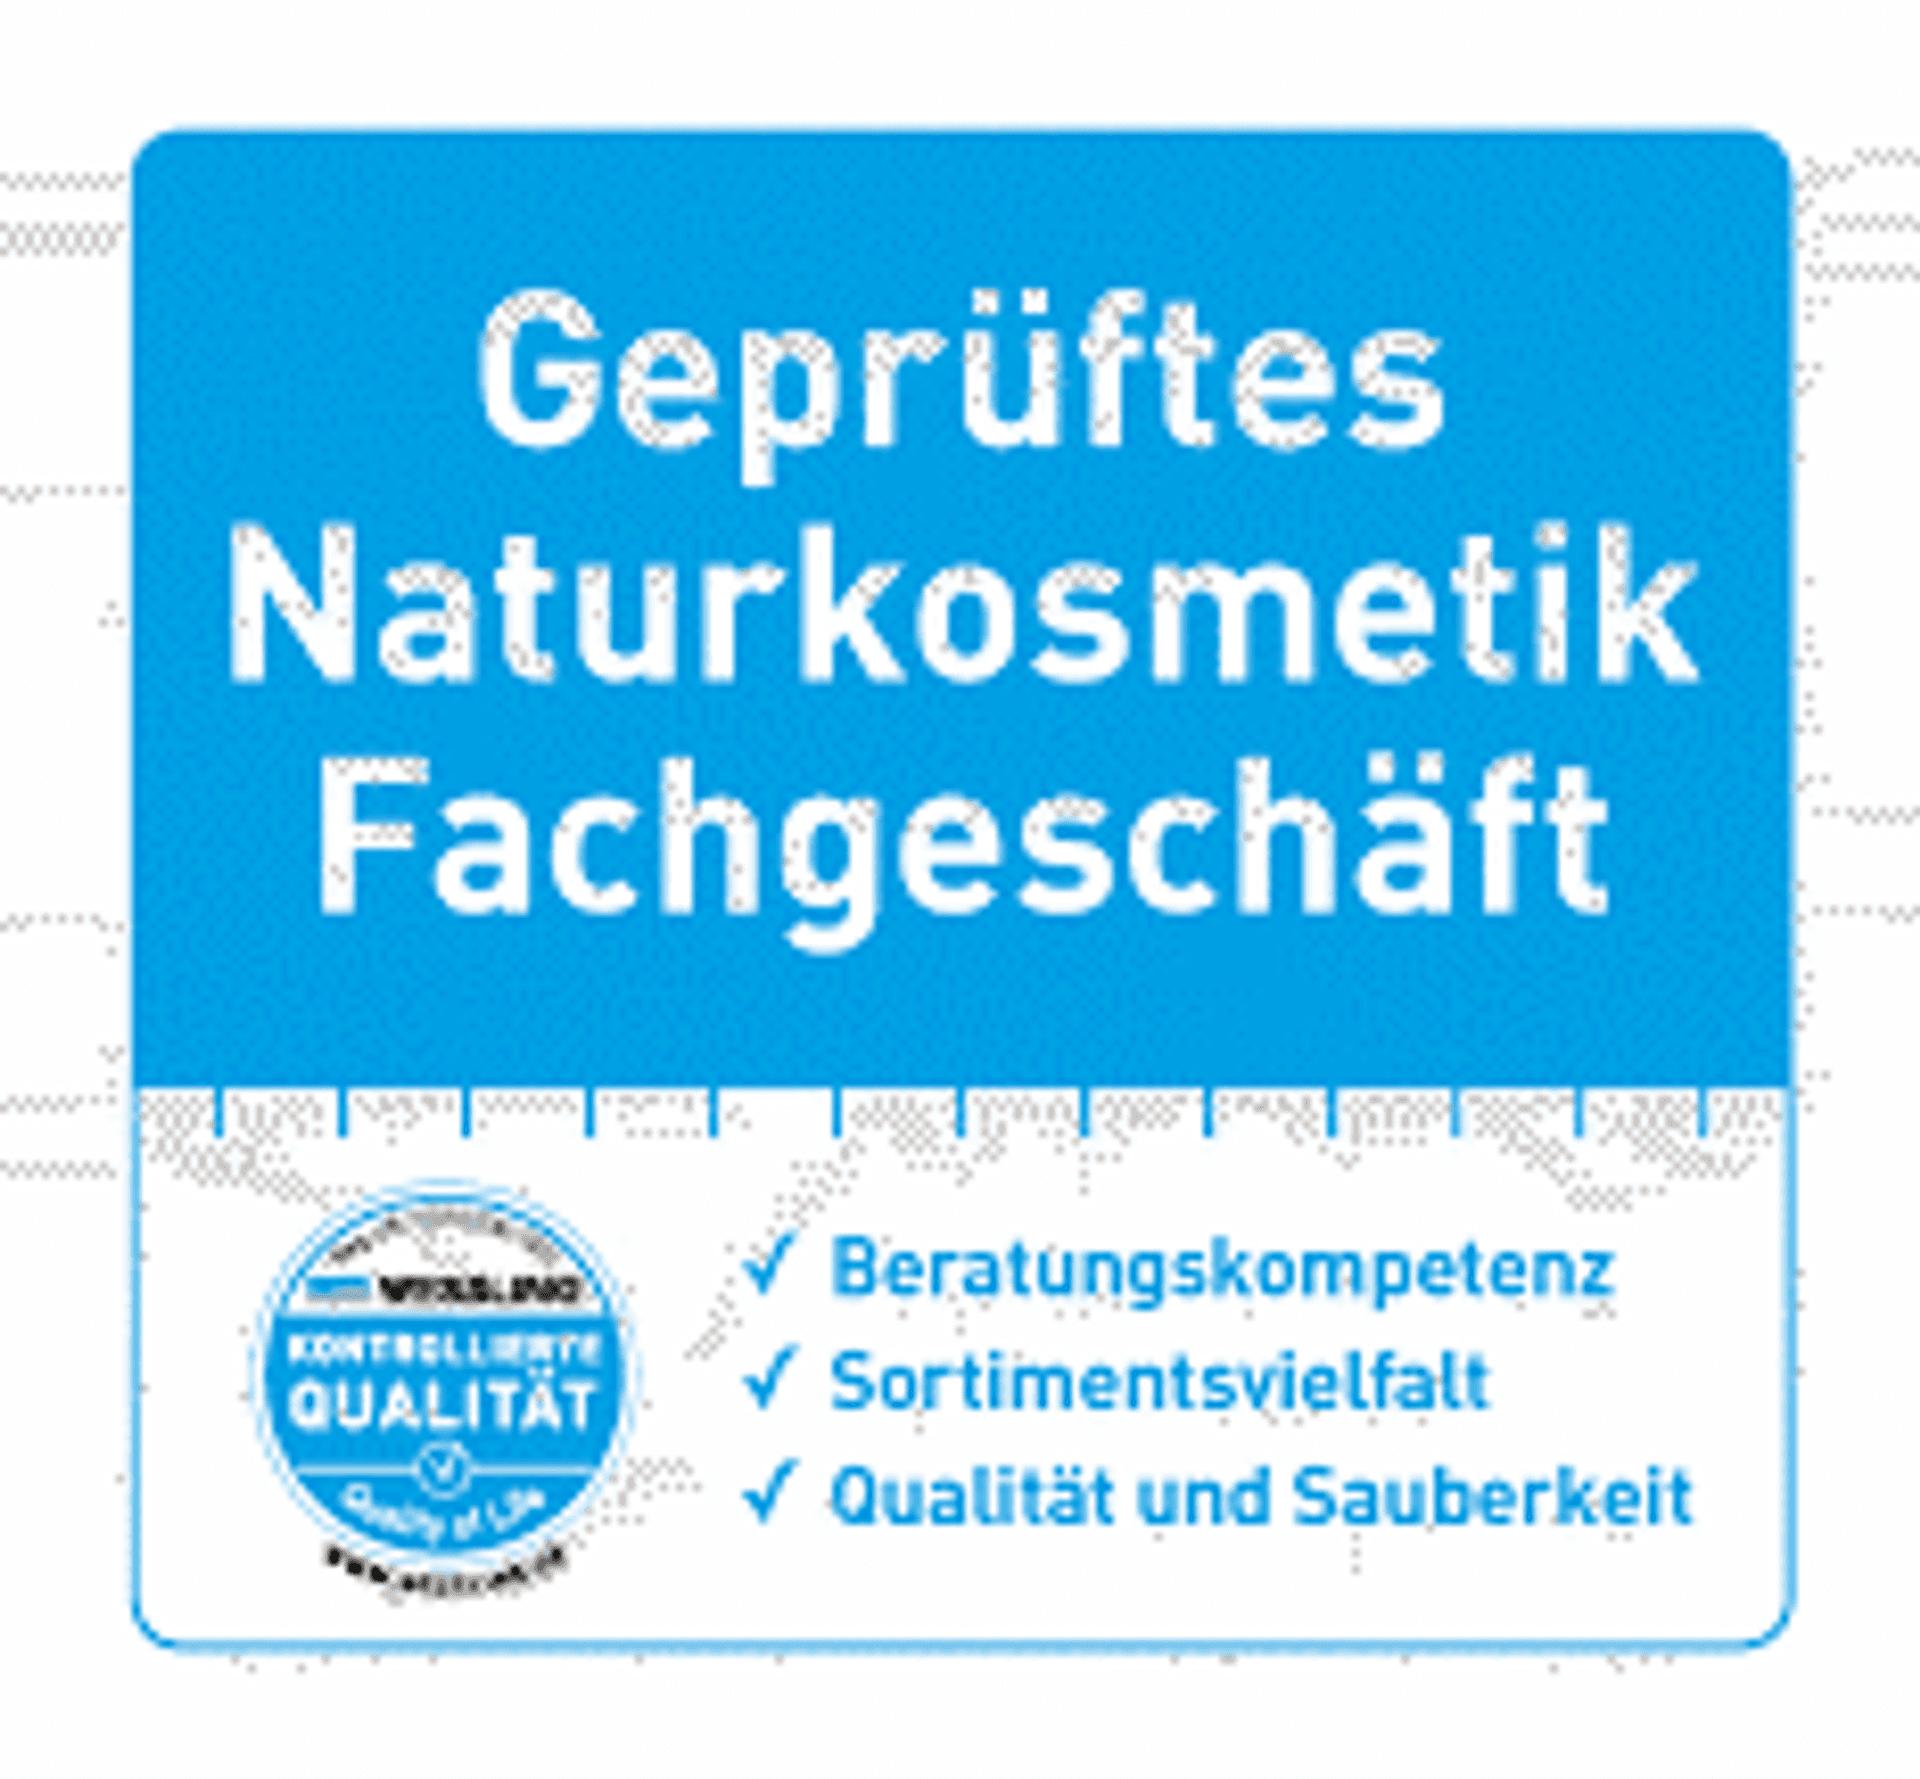 Geprüftes Naturkosmetik Fachgeschäft Siegel